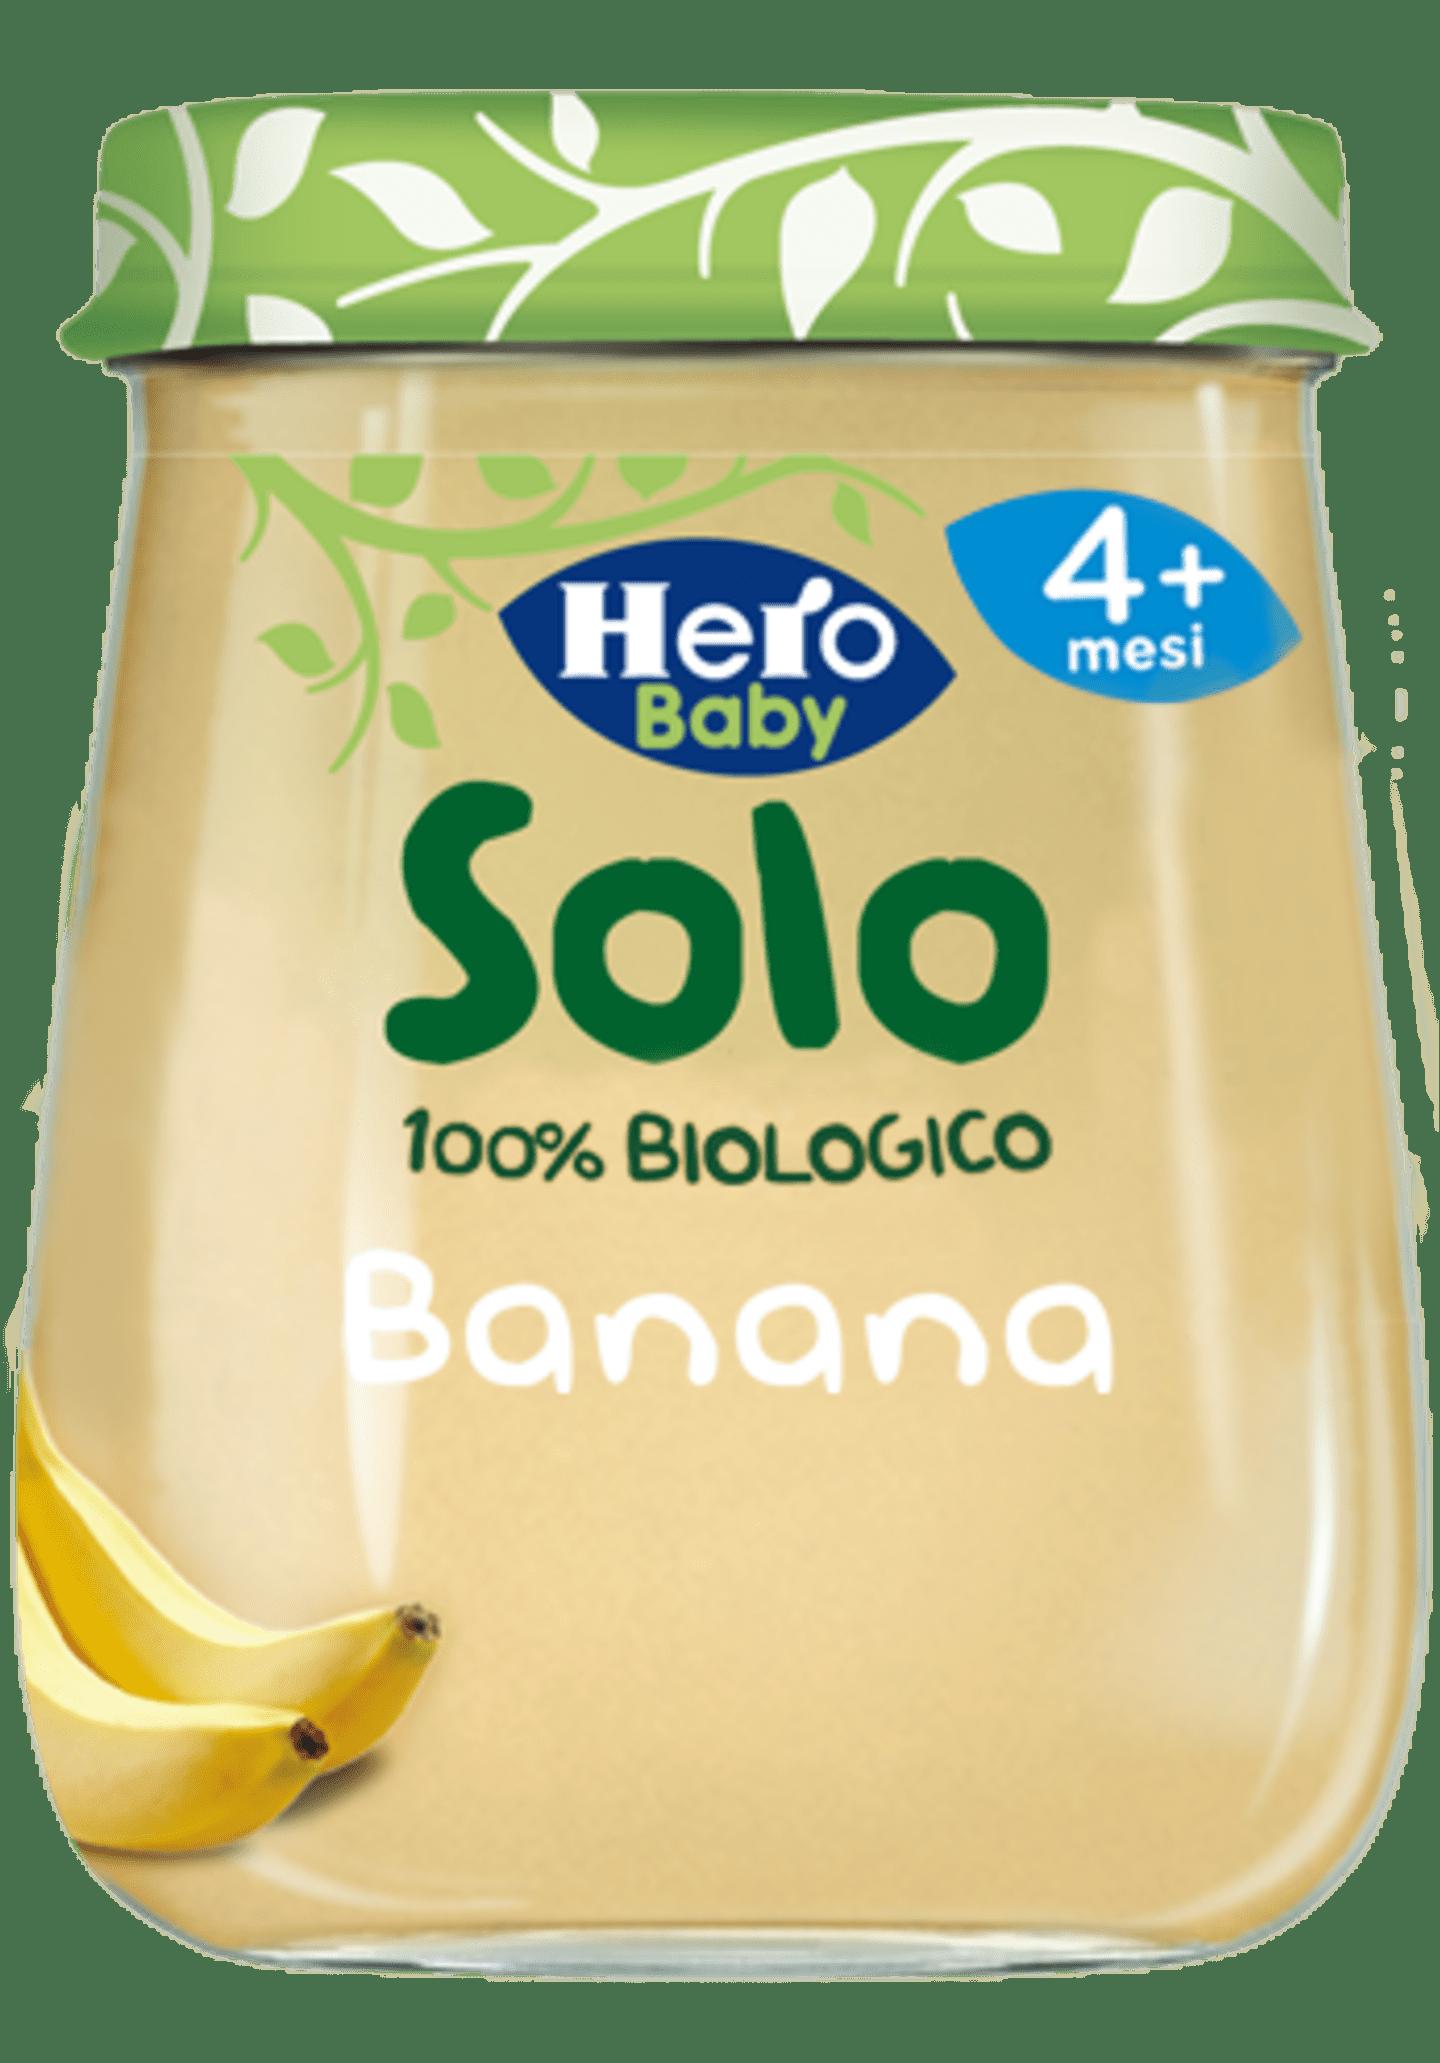 Omogeneizzato Banana Biologica